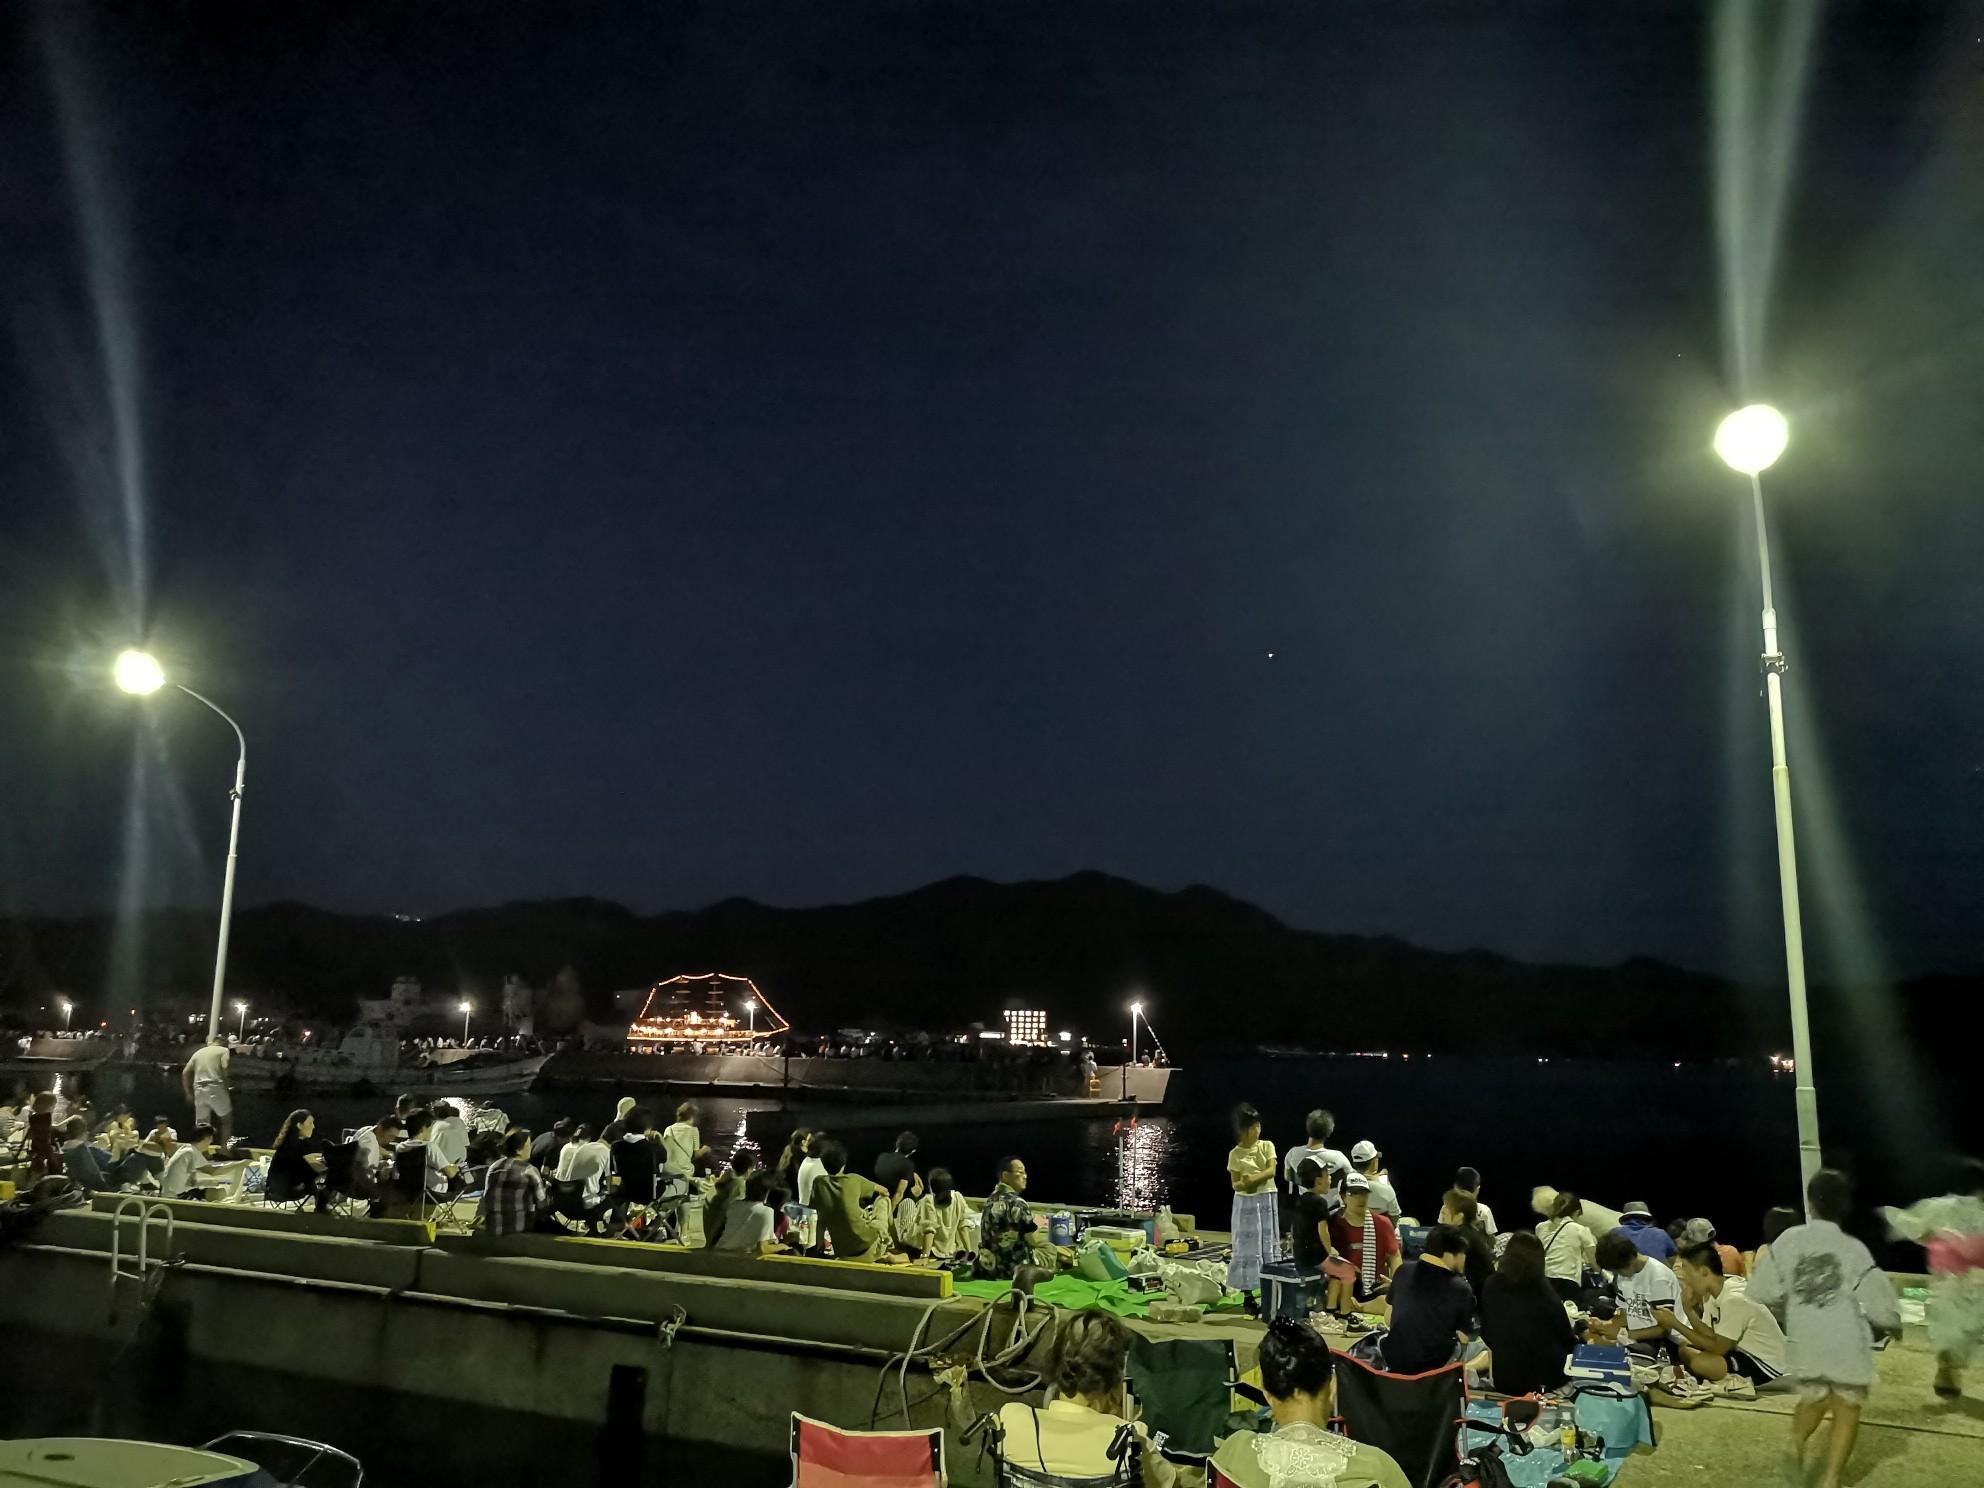 福良湾海上花火大会の福良港の内側